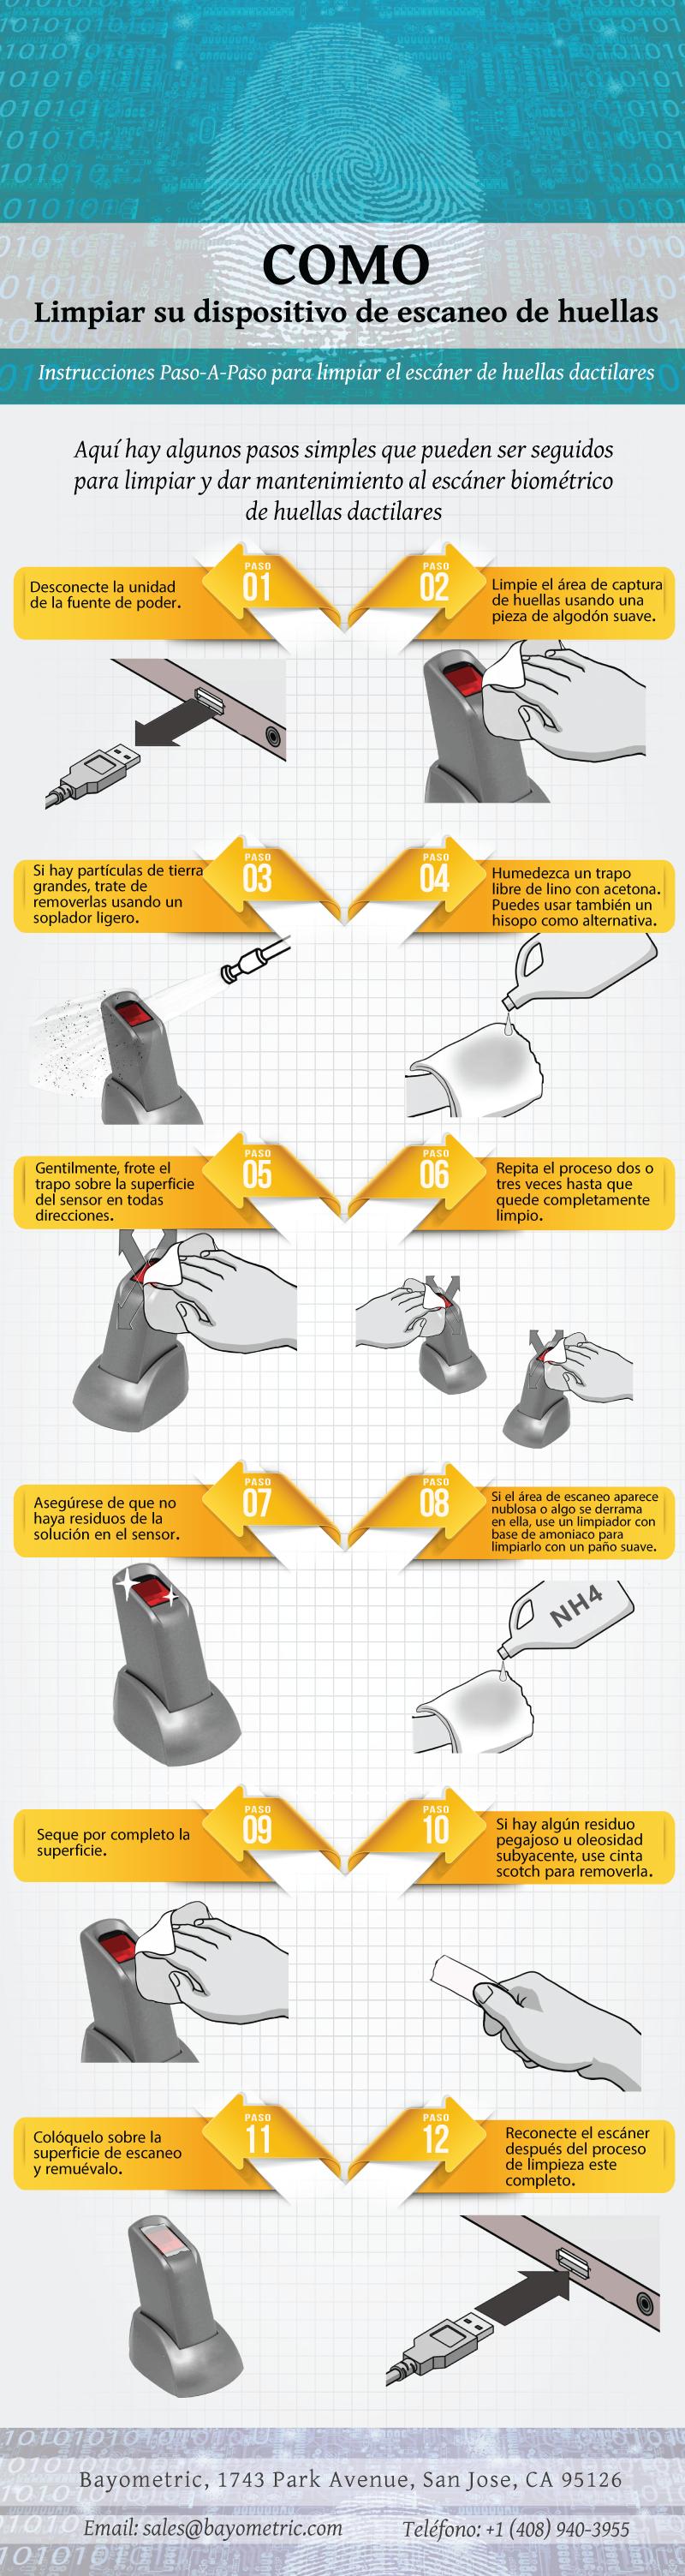 Escáner de huellas dactilares limpio